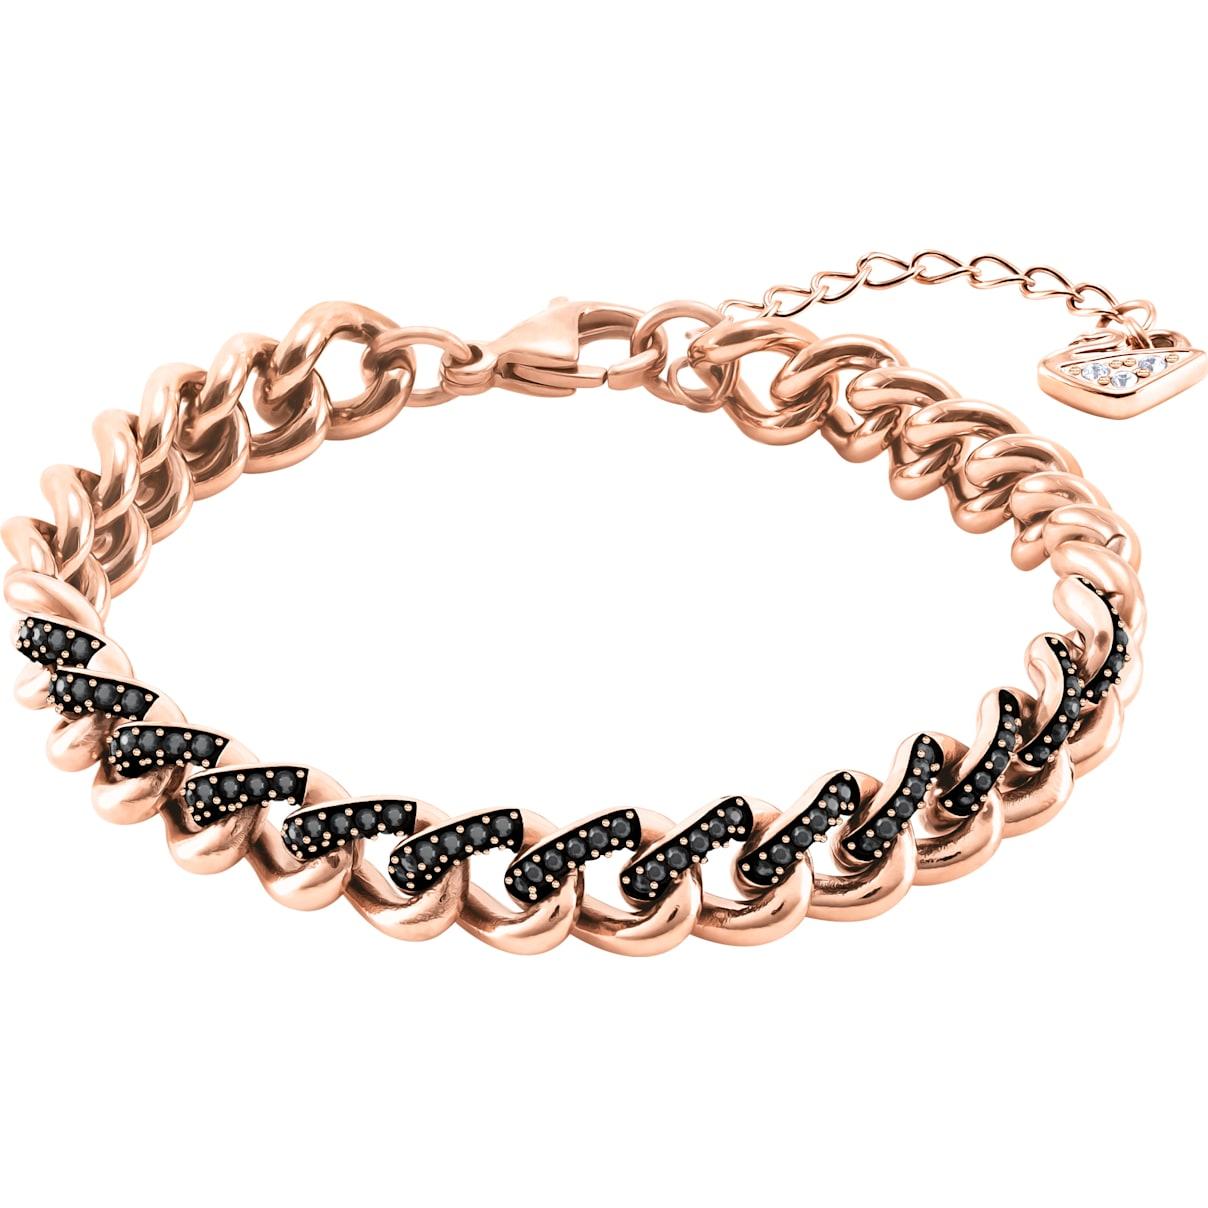 Swarovski Lane Bracelet, Black, Rose-gold tone plated